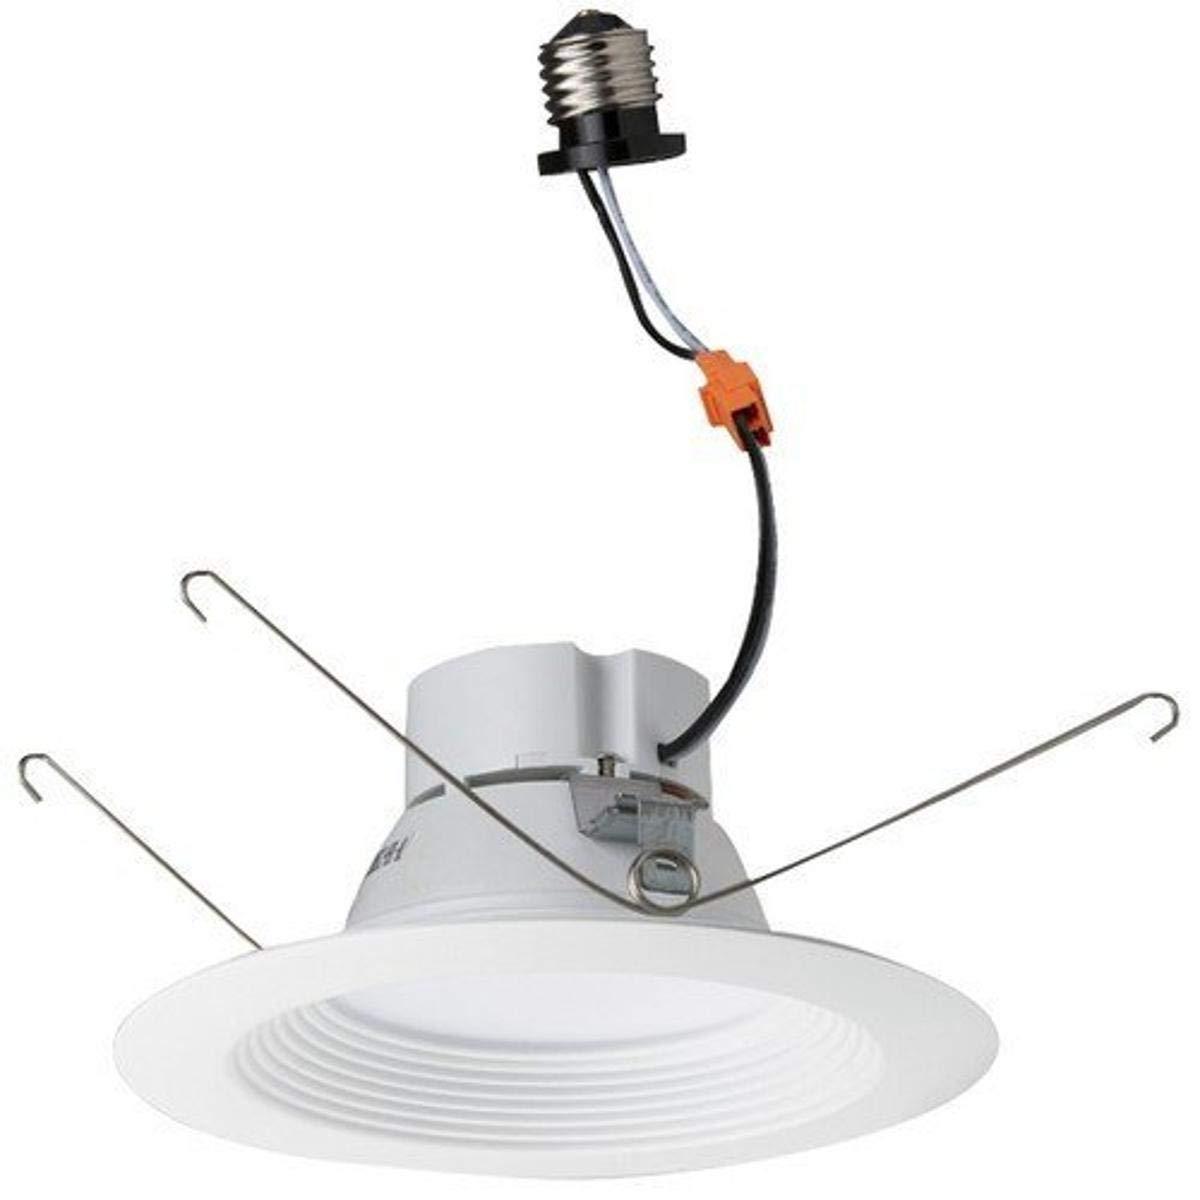 """Morris 72611 14.5W 5000K LED Recessed Lighting Retrofit Kit, Baffled Bezel, 1200 lm, 120V, 5""""- 6"""", White"""